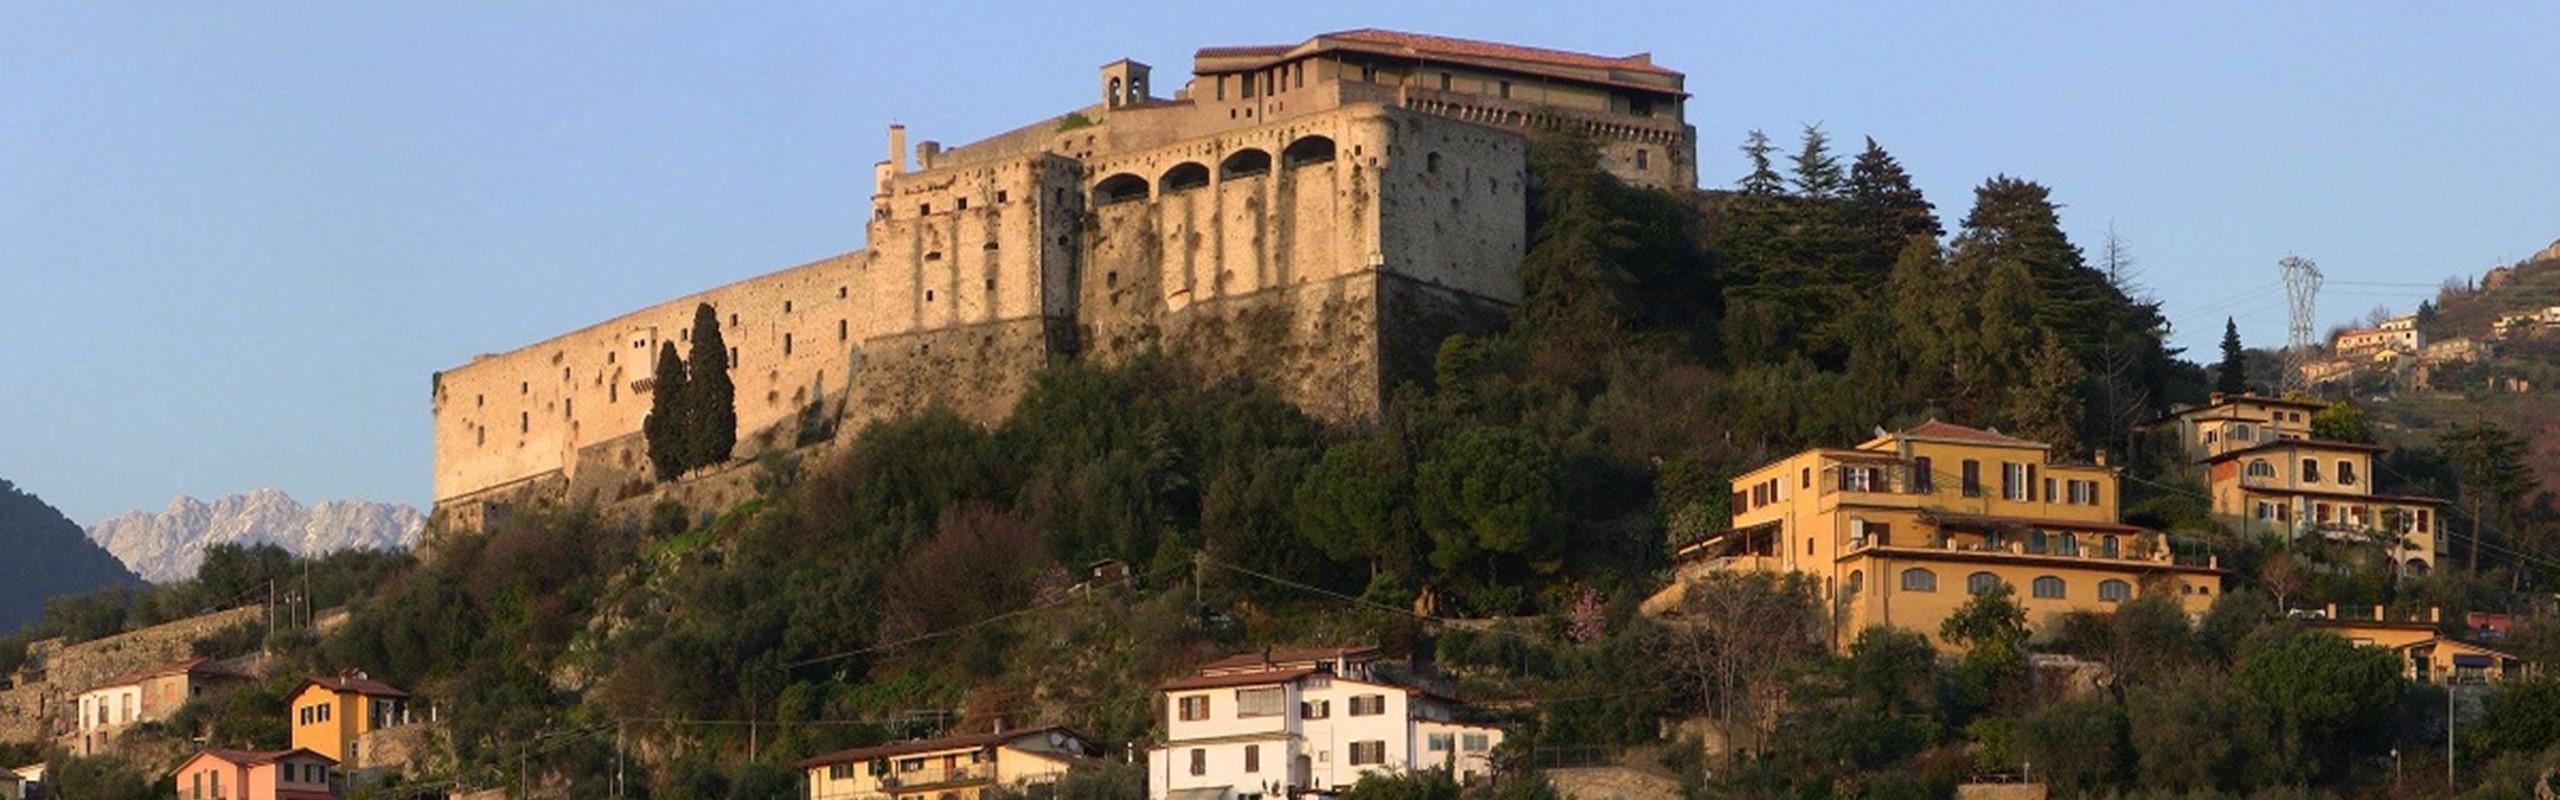 Lunigiana Grantour Lunigiana Castello Malaspina 1